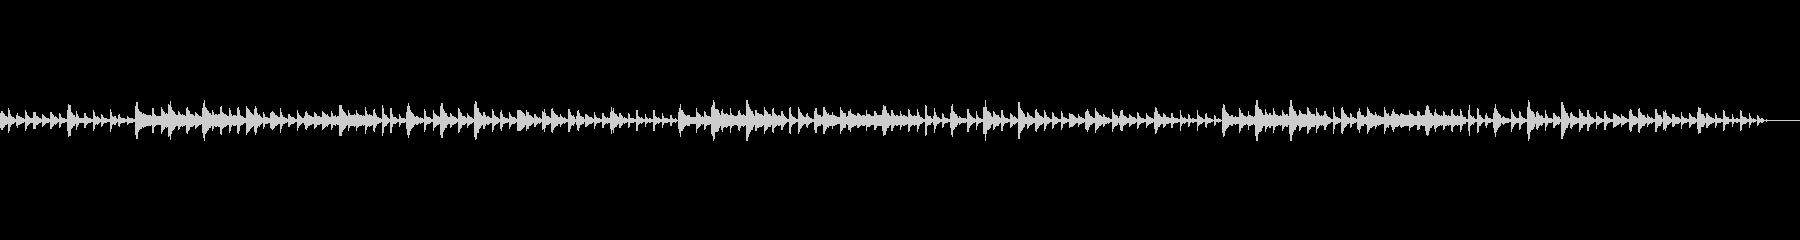 赤ちゃんをお昼寝をテーマに制作された音楽の未再生の波形